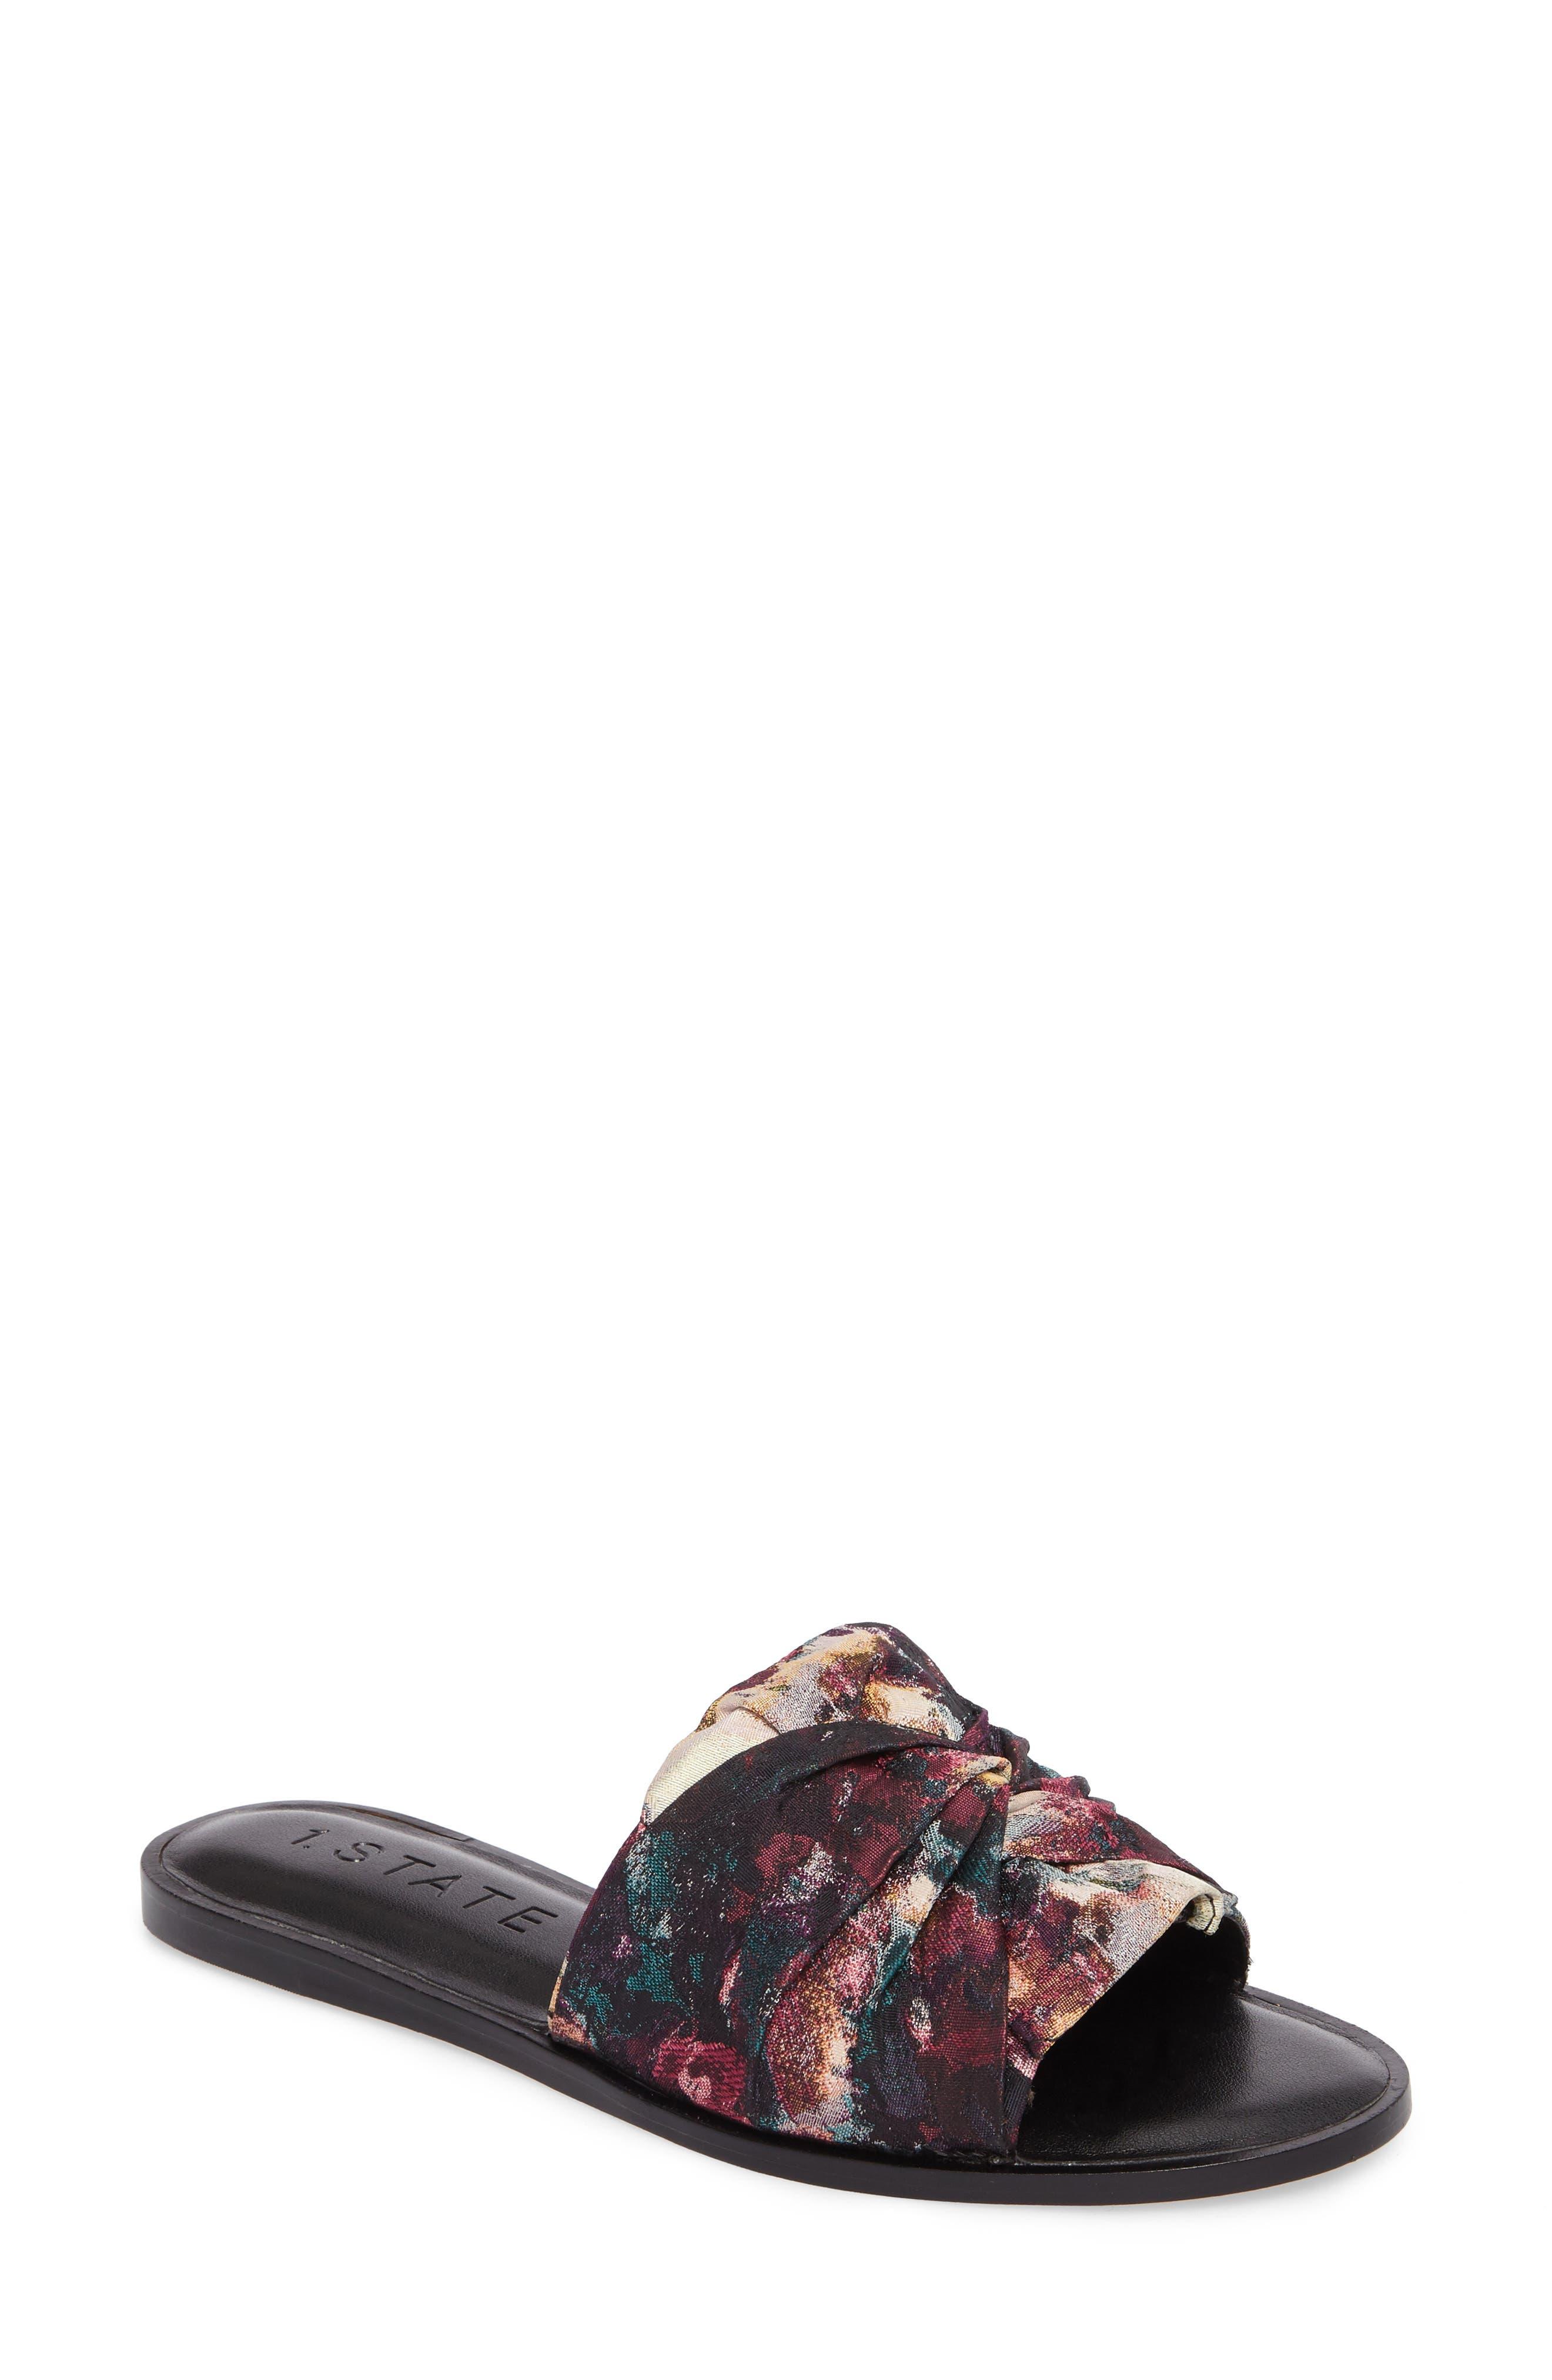 Chevonn Slide Sandal,                         Main,                         color, 001